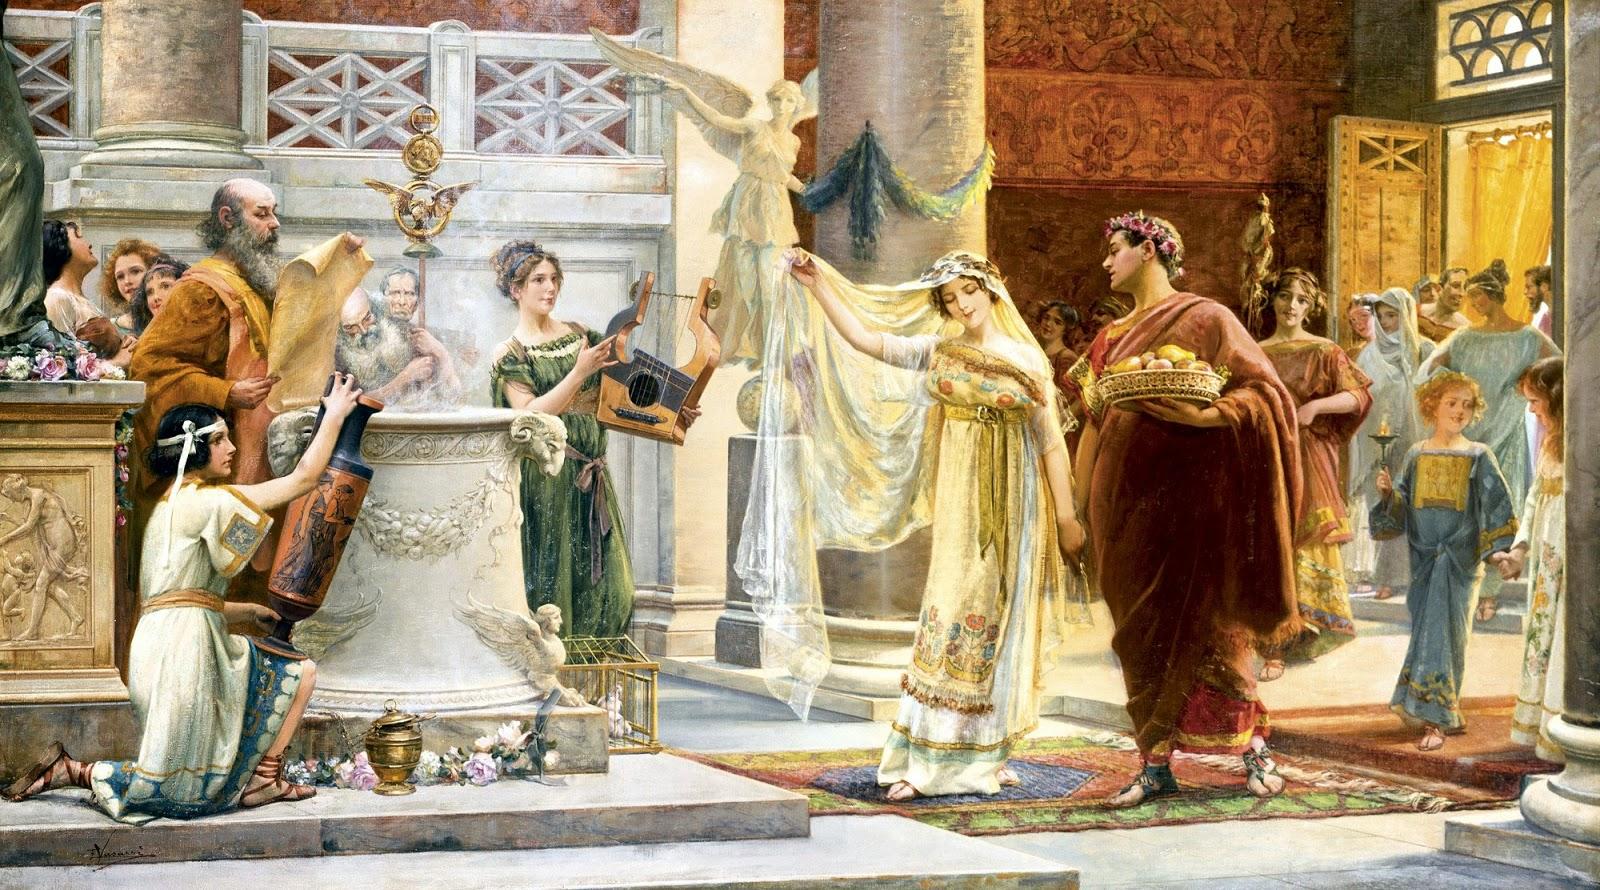 Lienzo de Emilio Vasarri  que  muestra de un modo idealizado una ceremonia de matrimonio romana.